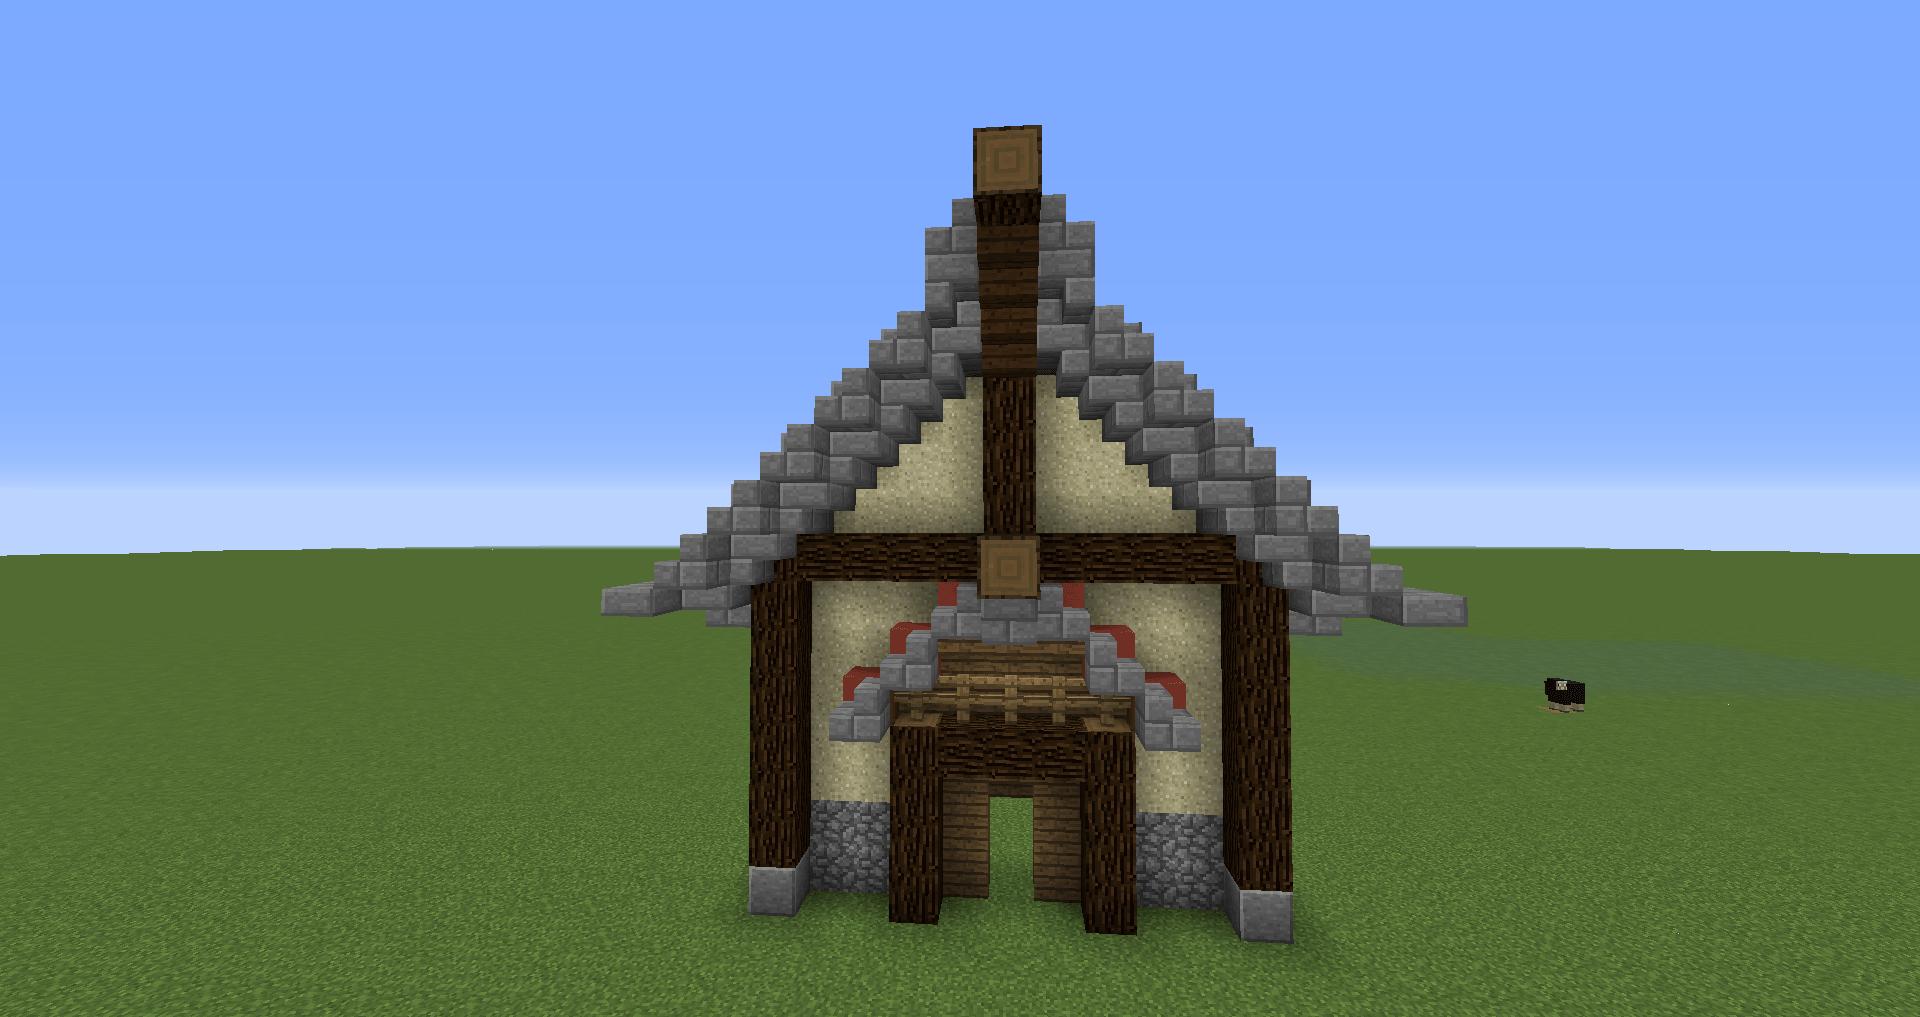 マインクラフト 風車小屋の作り方 簡単建築27